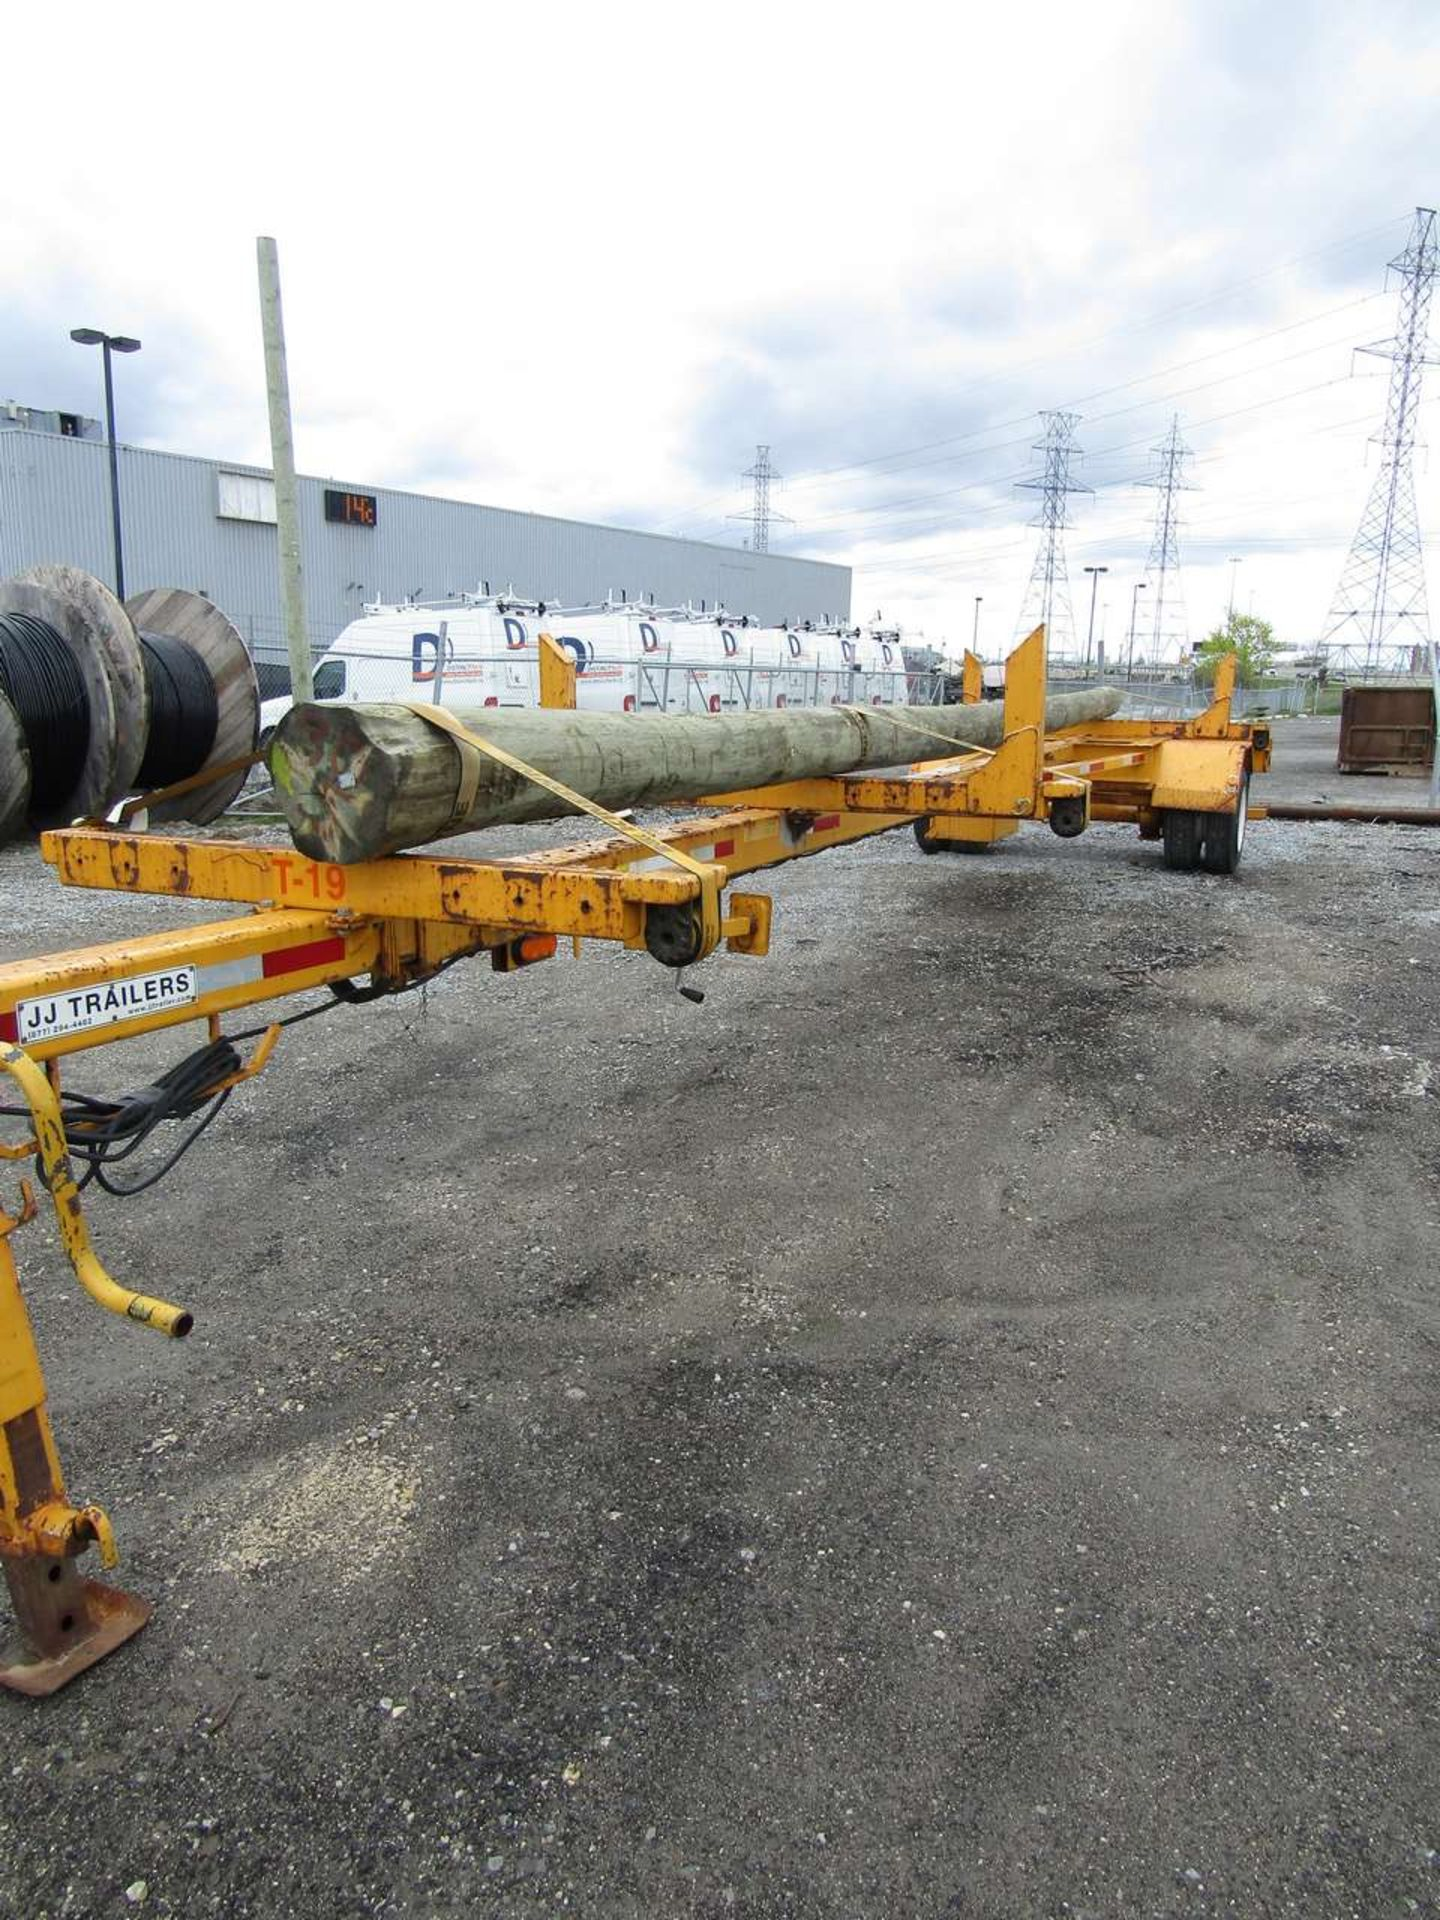 Lot 638 - 2014 JJ PT1 Pole Trailer T-19